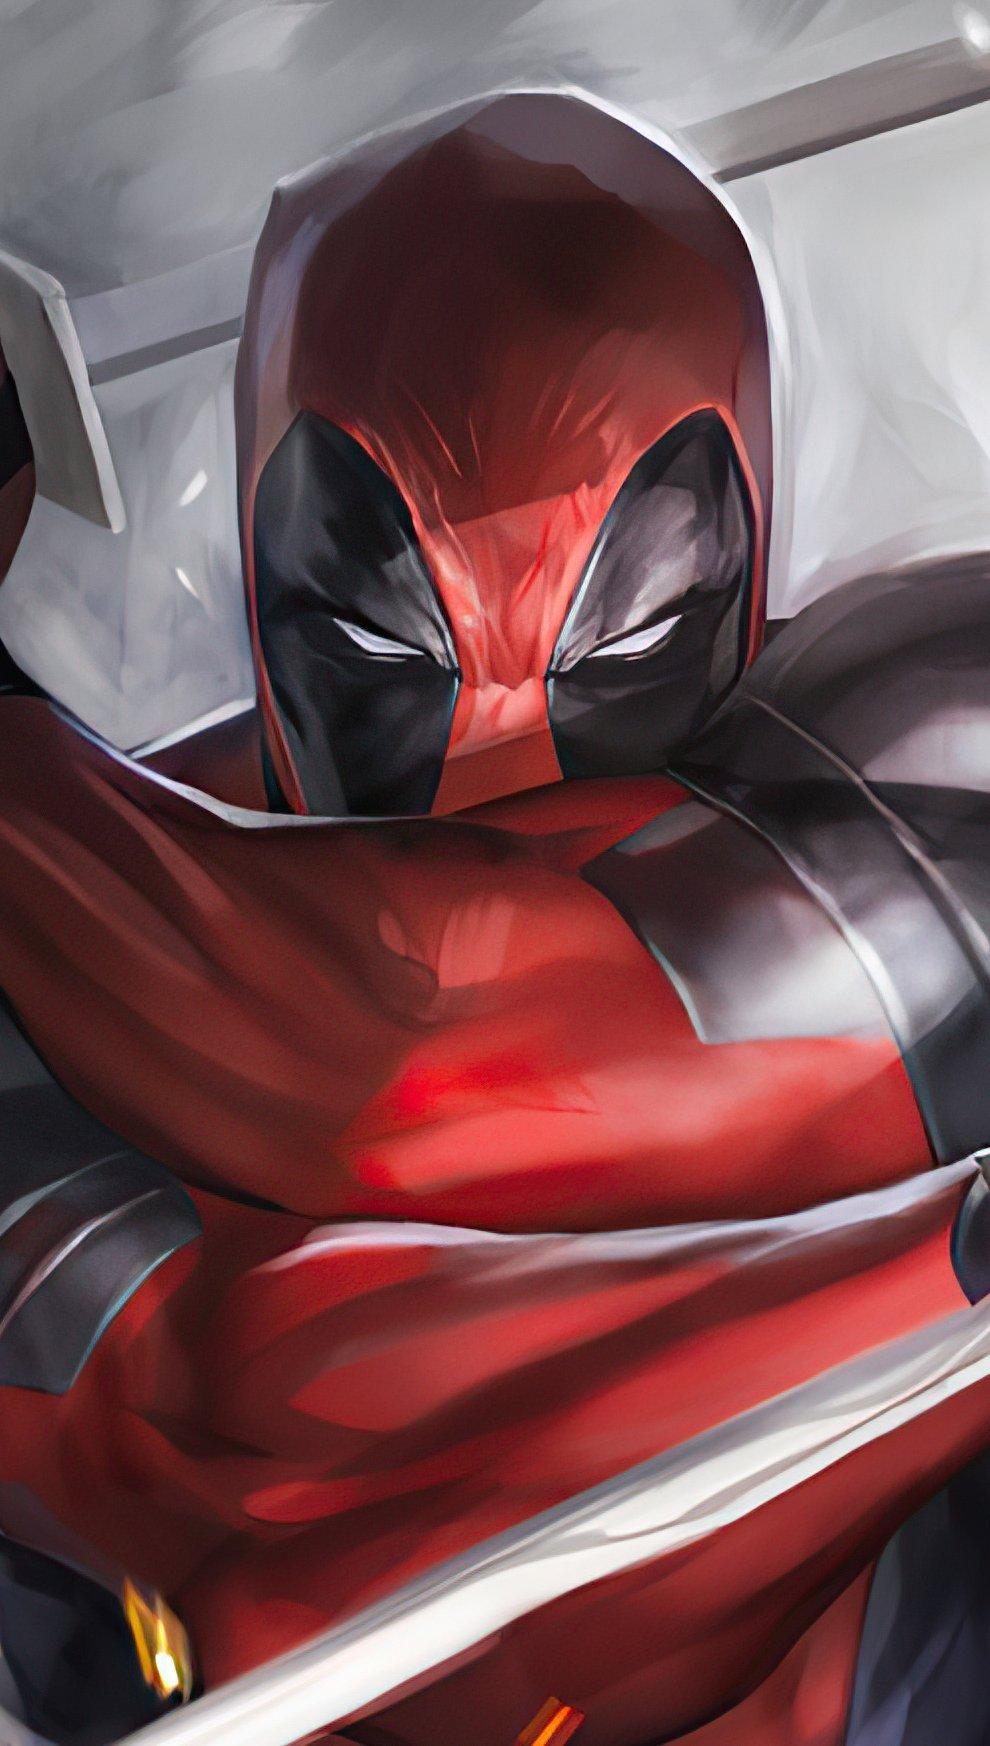 Fondos de pantalla Deadpool con katanas Vertical